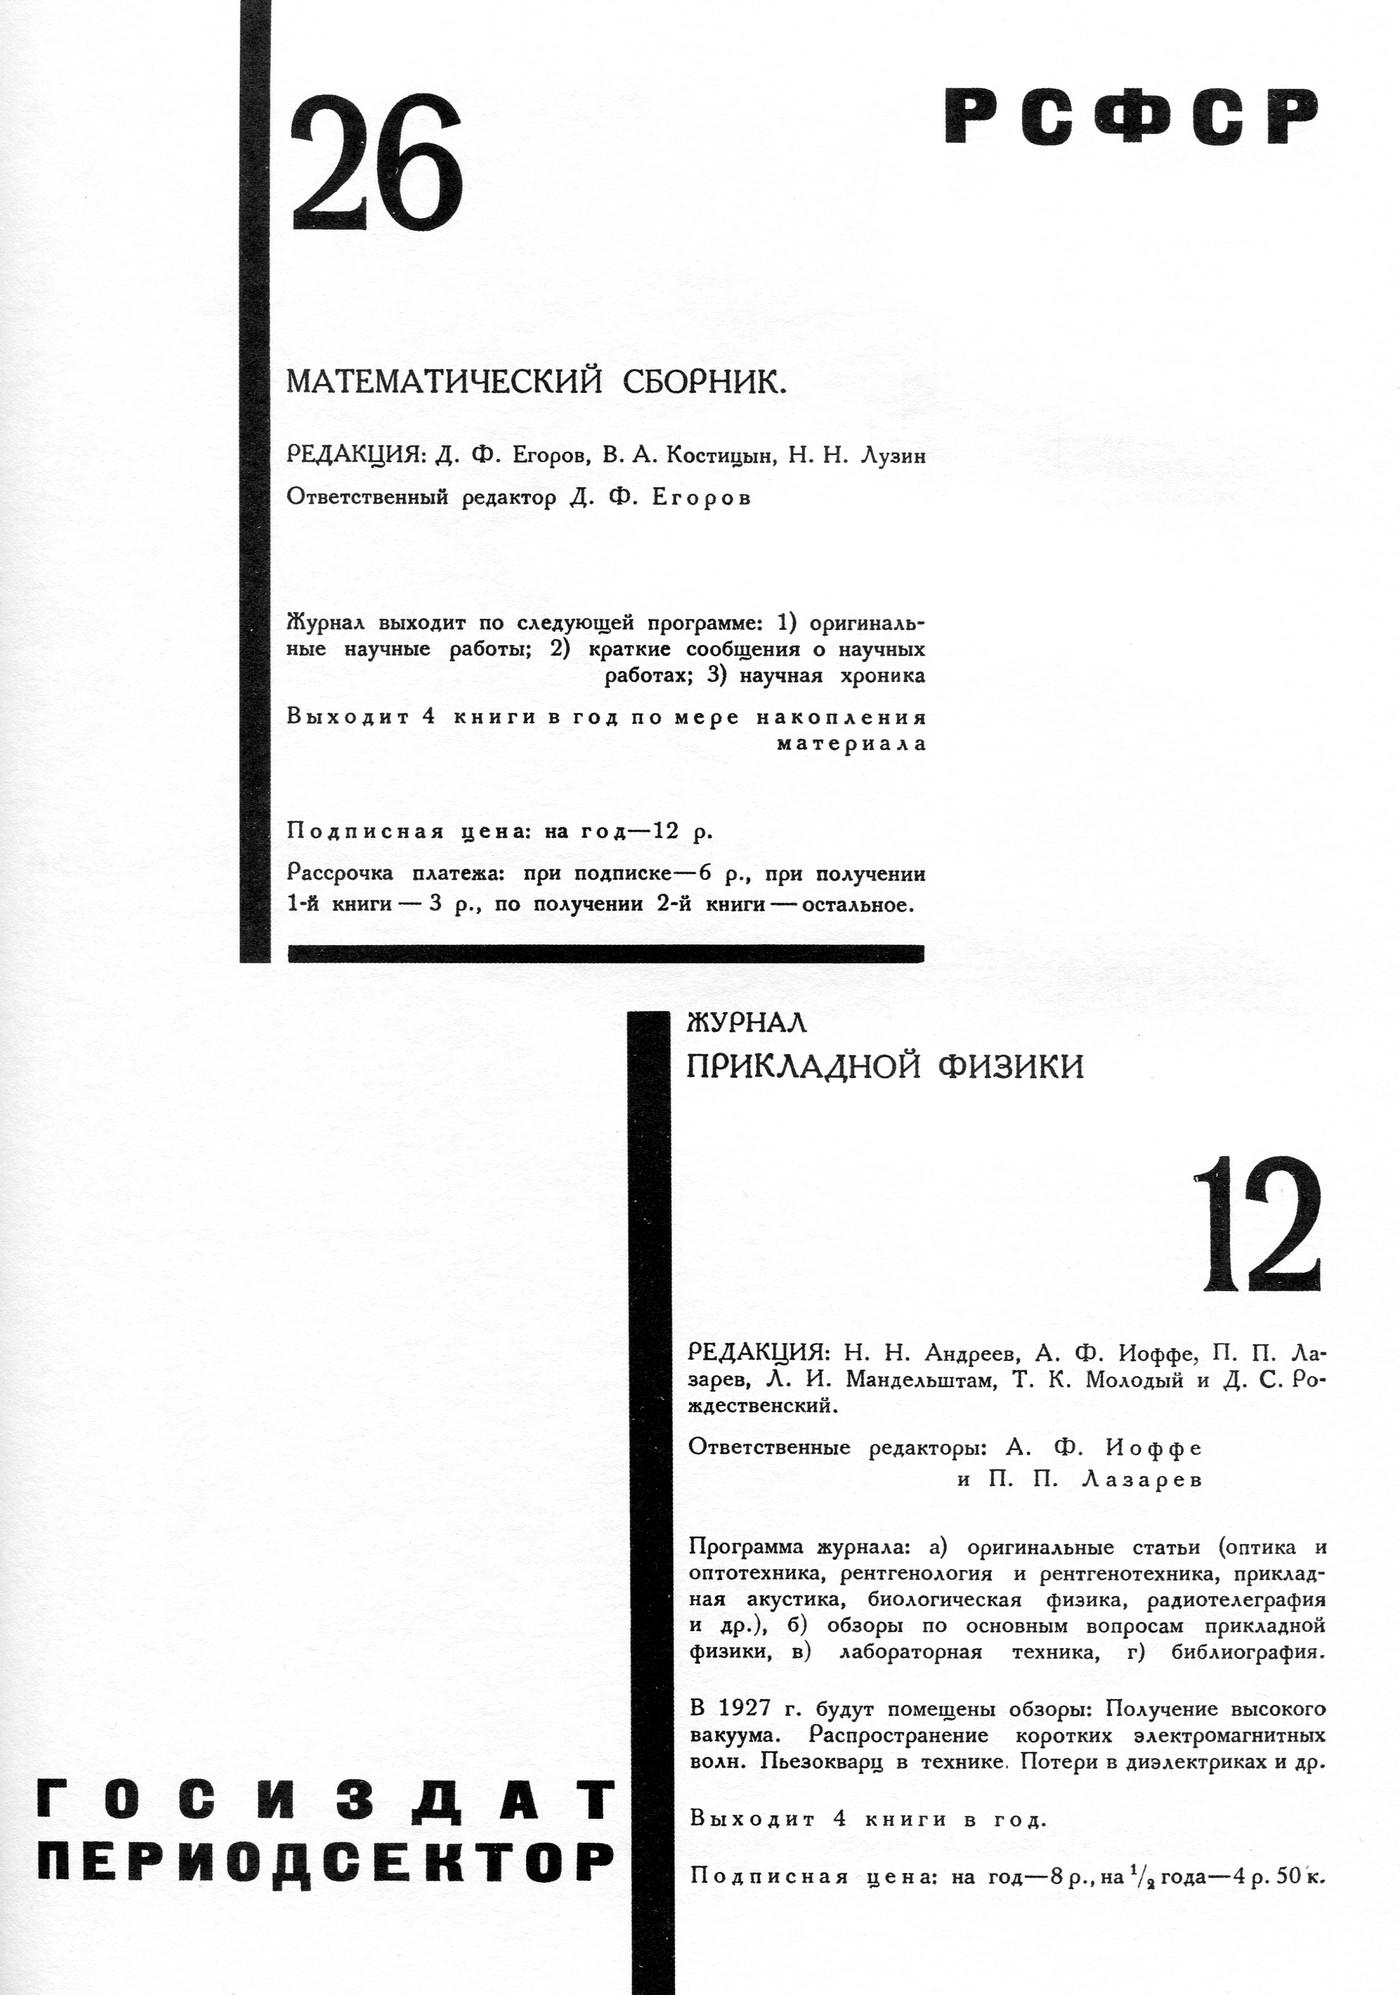 tehne.com-1927-1-051